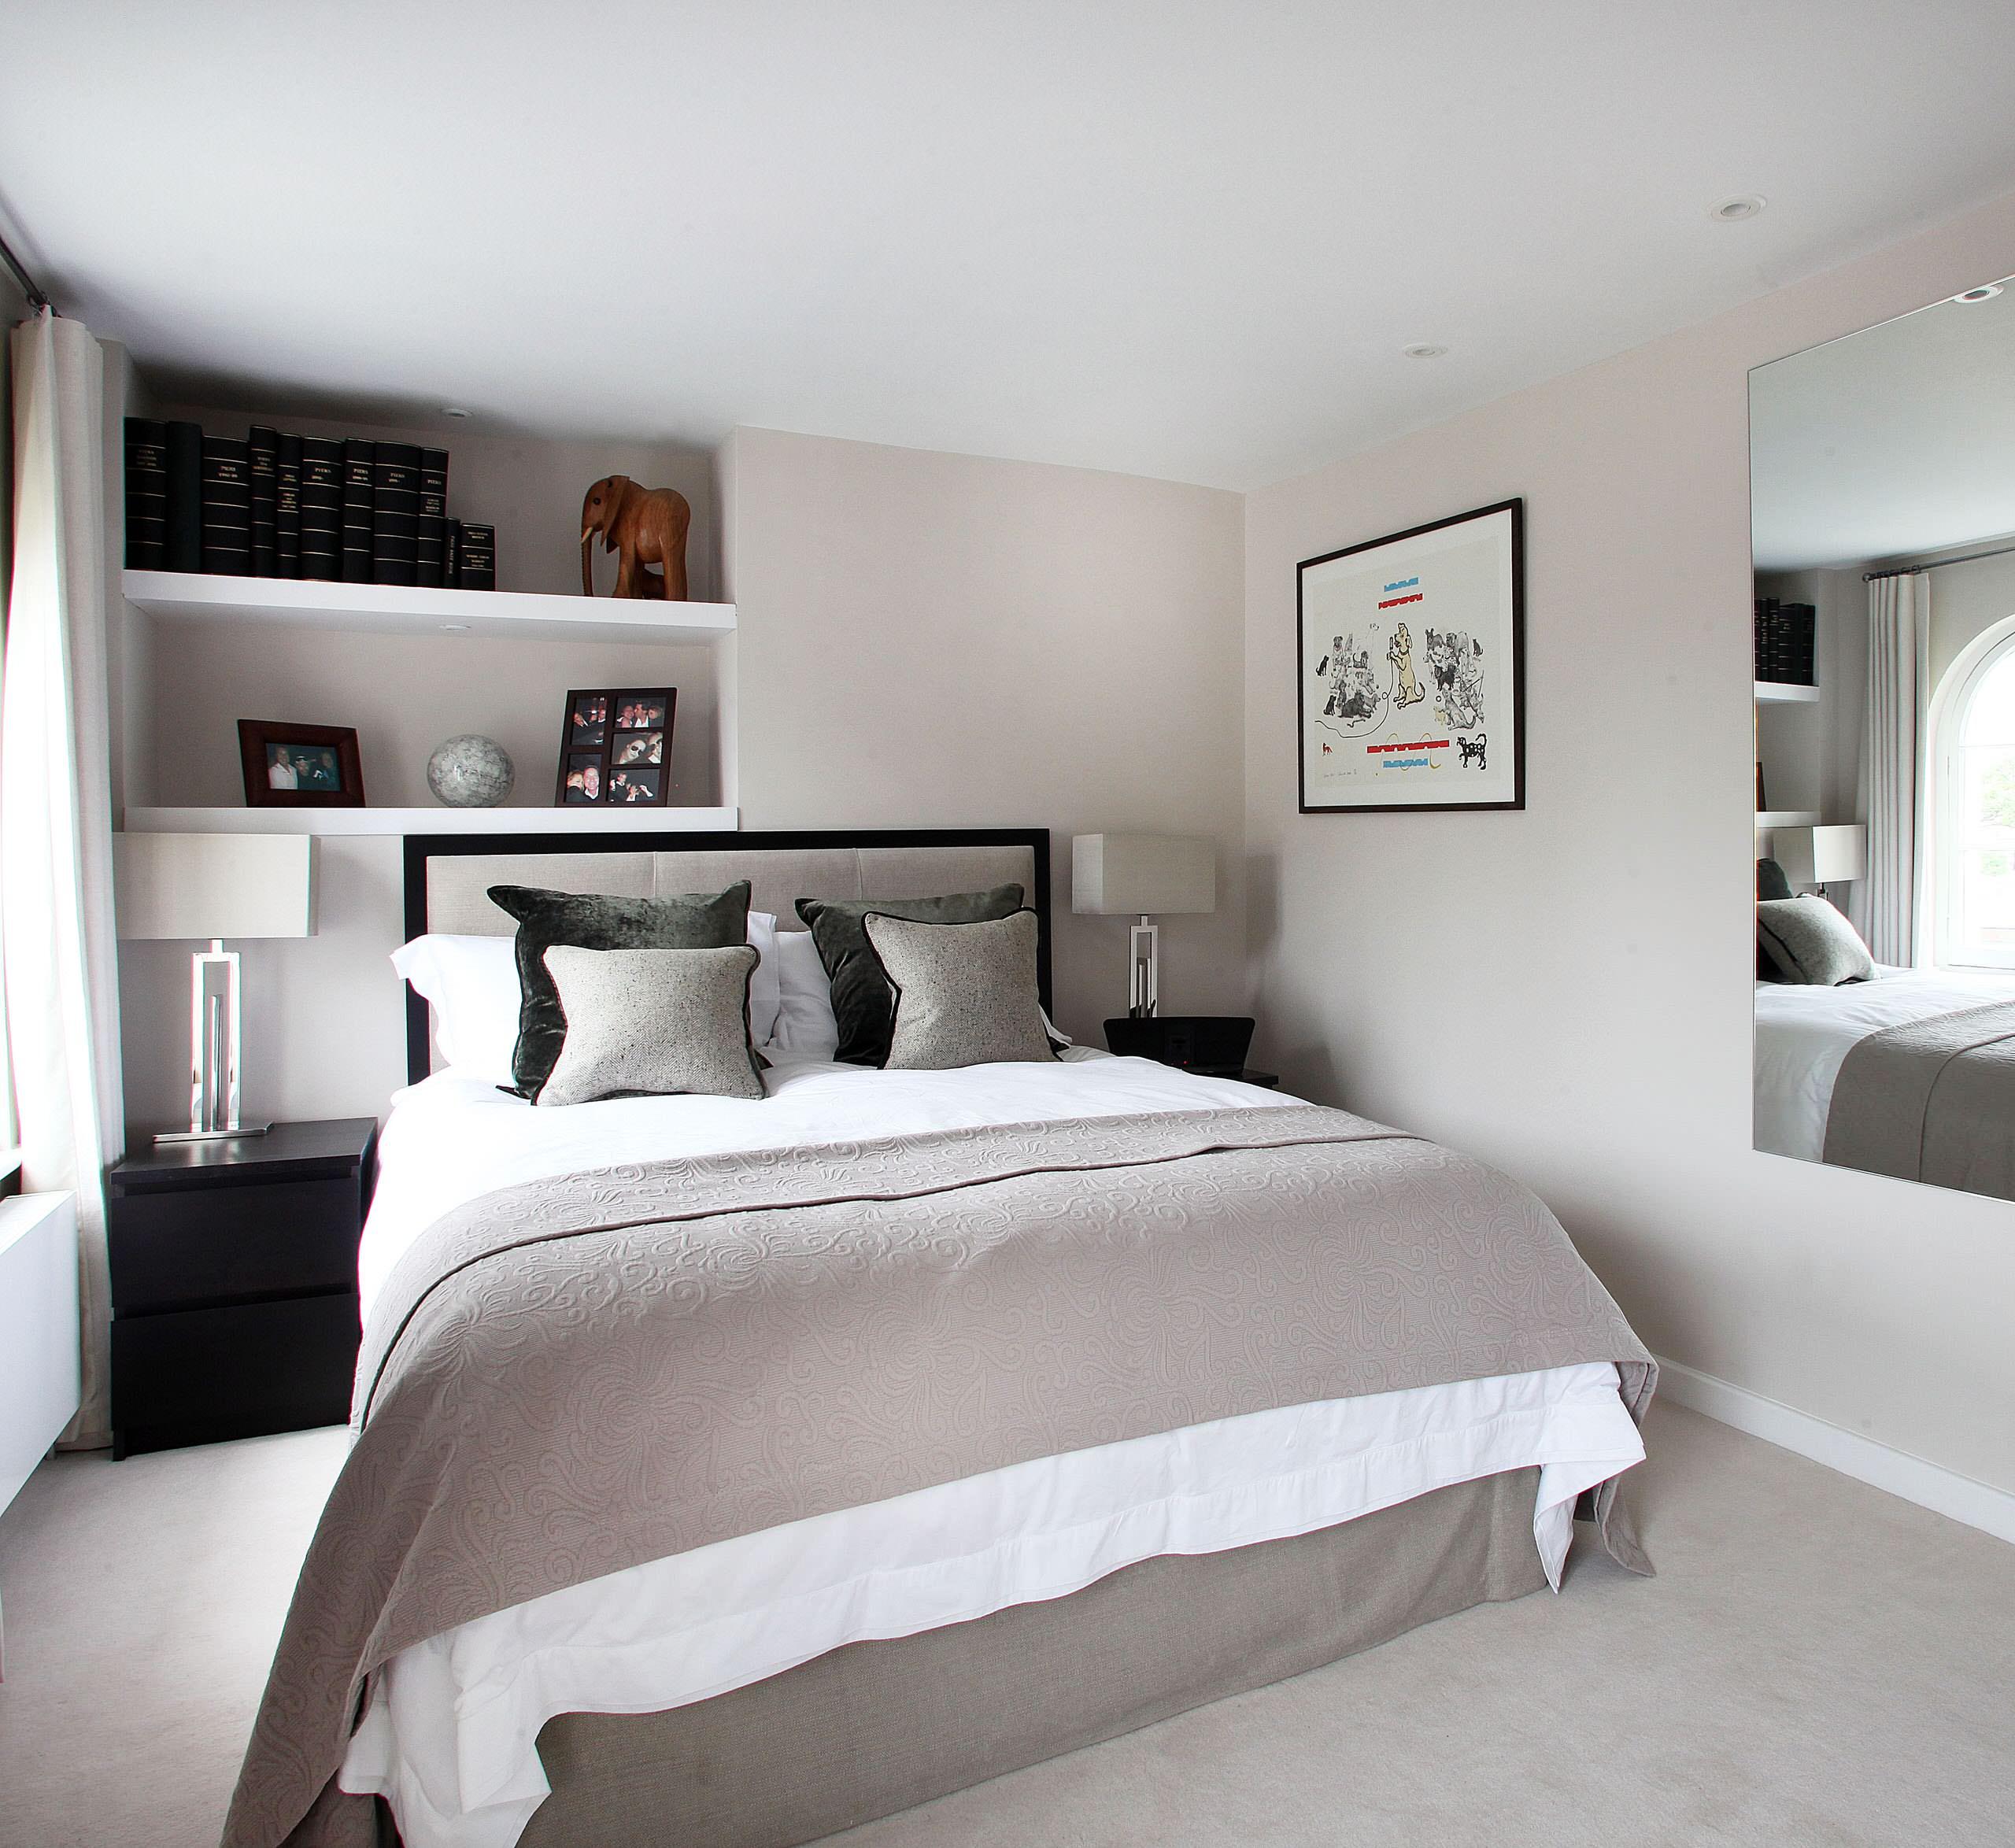 Пространство вокруг двуспальной кровати